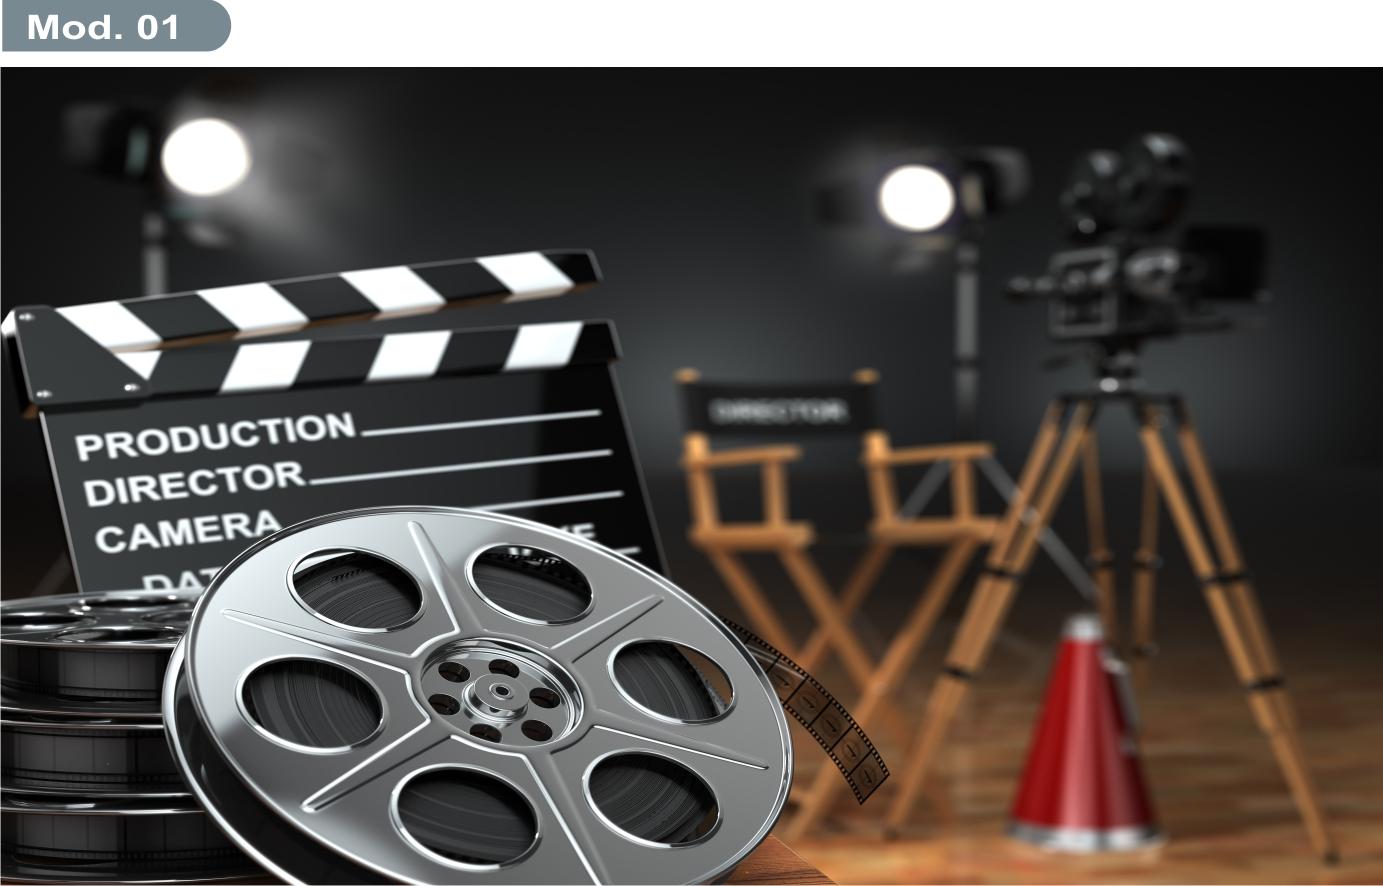 Adesivo Decora O Sala Tv Filme Mod 01 No Elo7 Quartinhodecorado  -> Adesivo Decorativo Na Parede De Tv